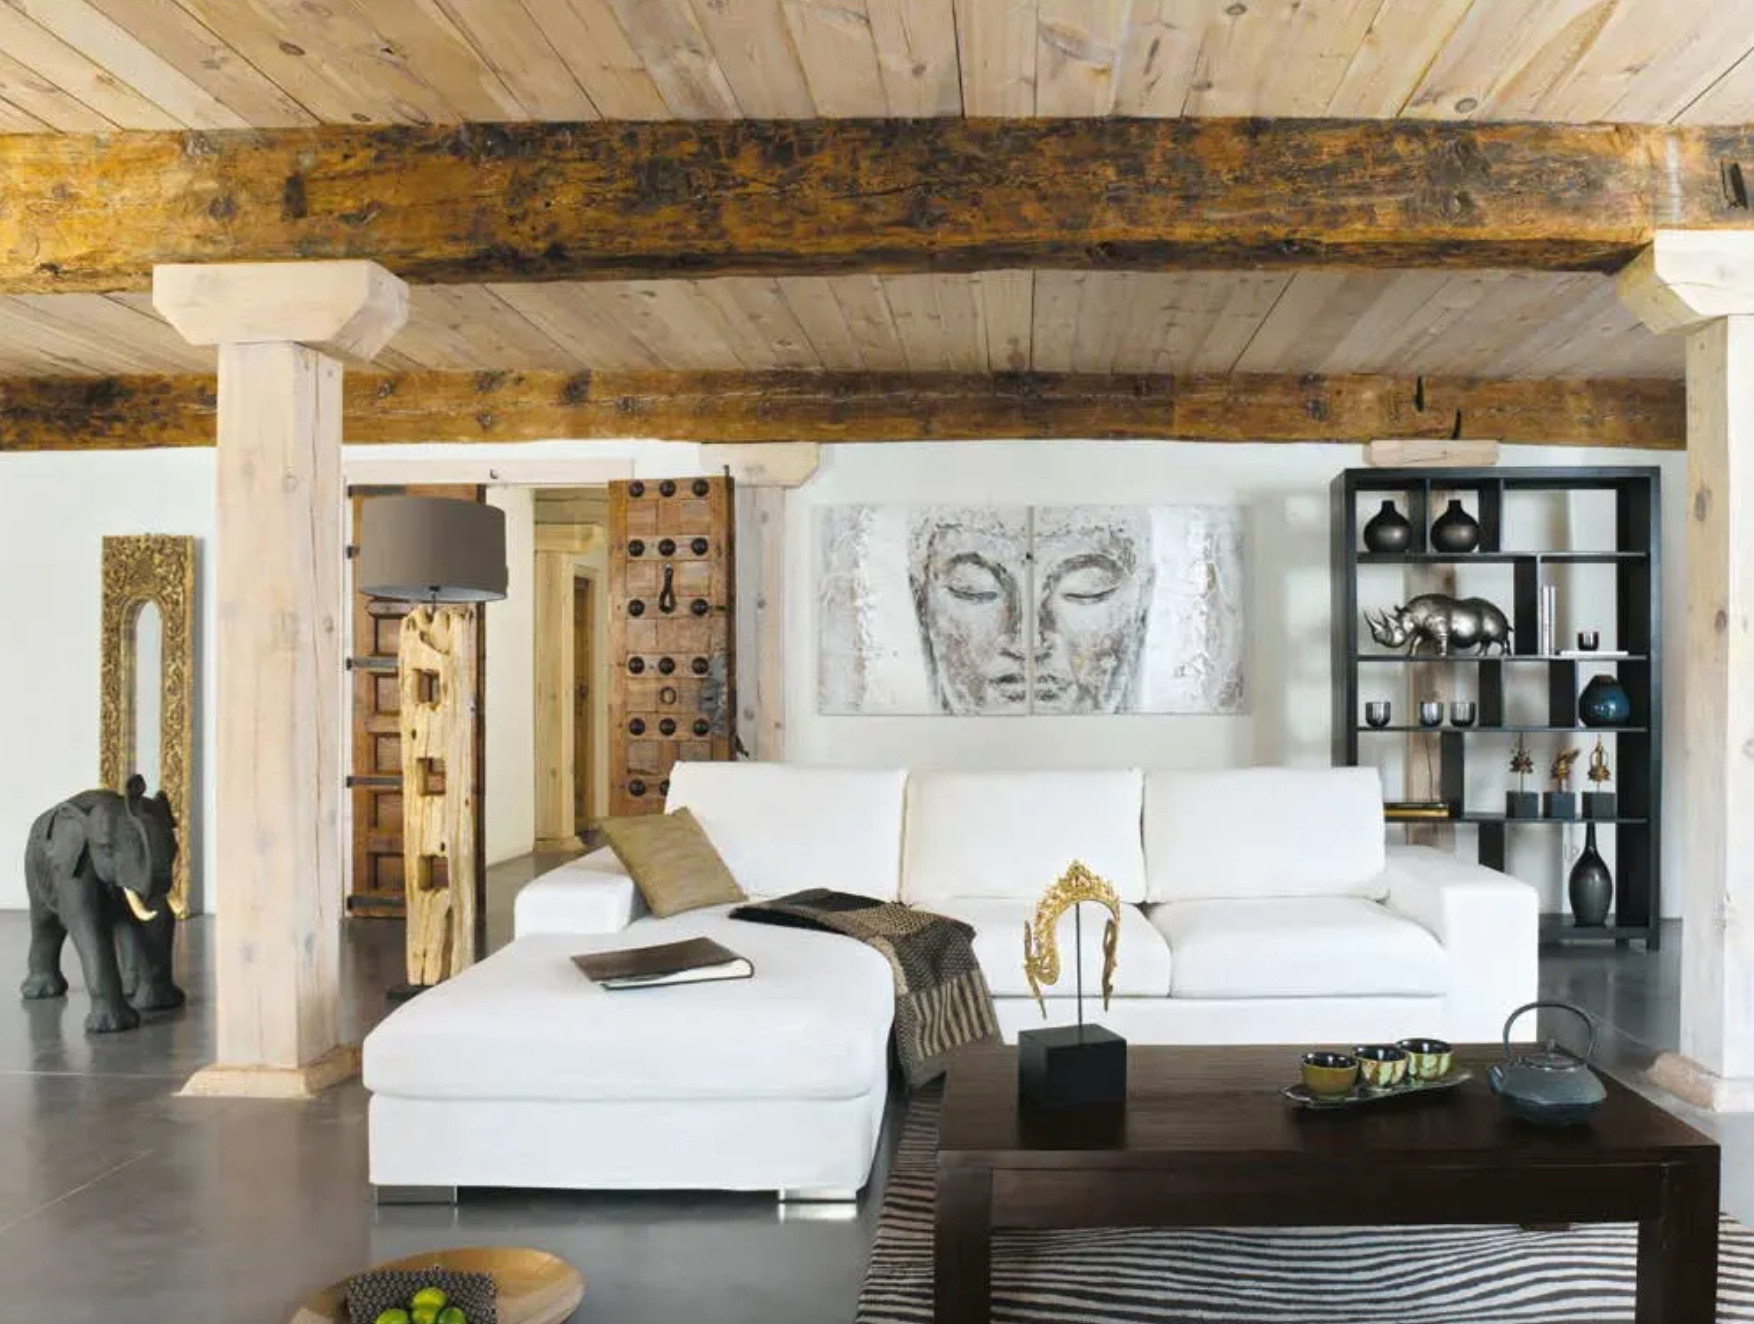 Choisir Un Canapé Densité comment choisir un canapé en cuir ? suivez nos conseils !